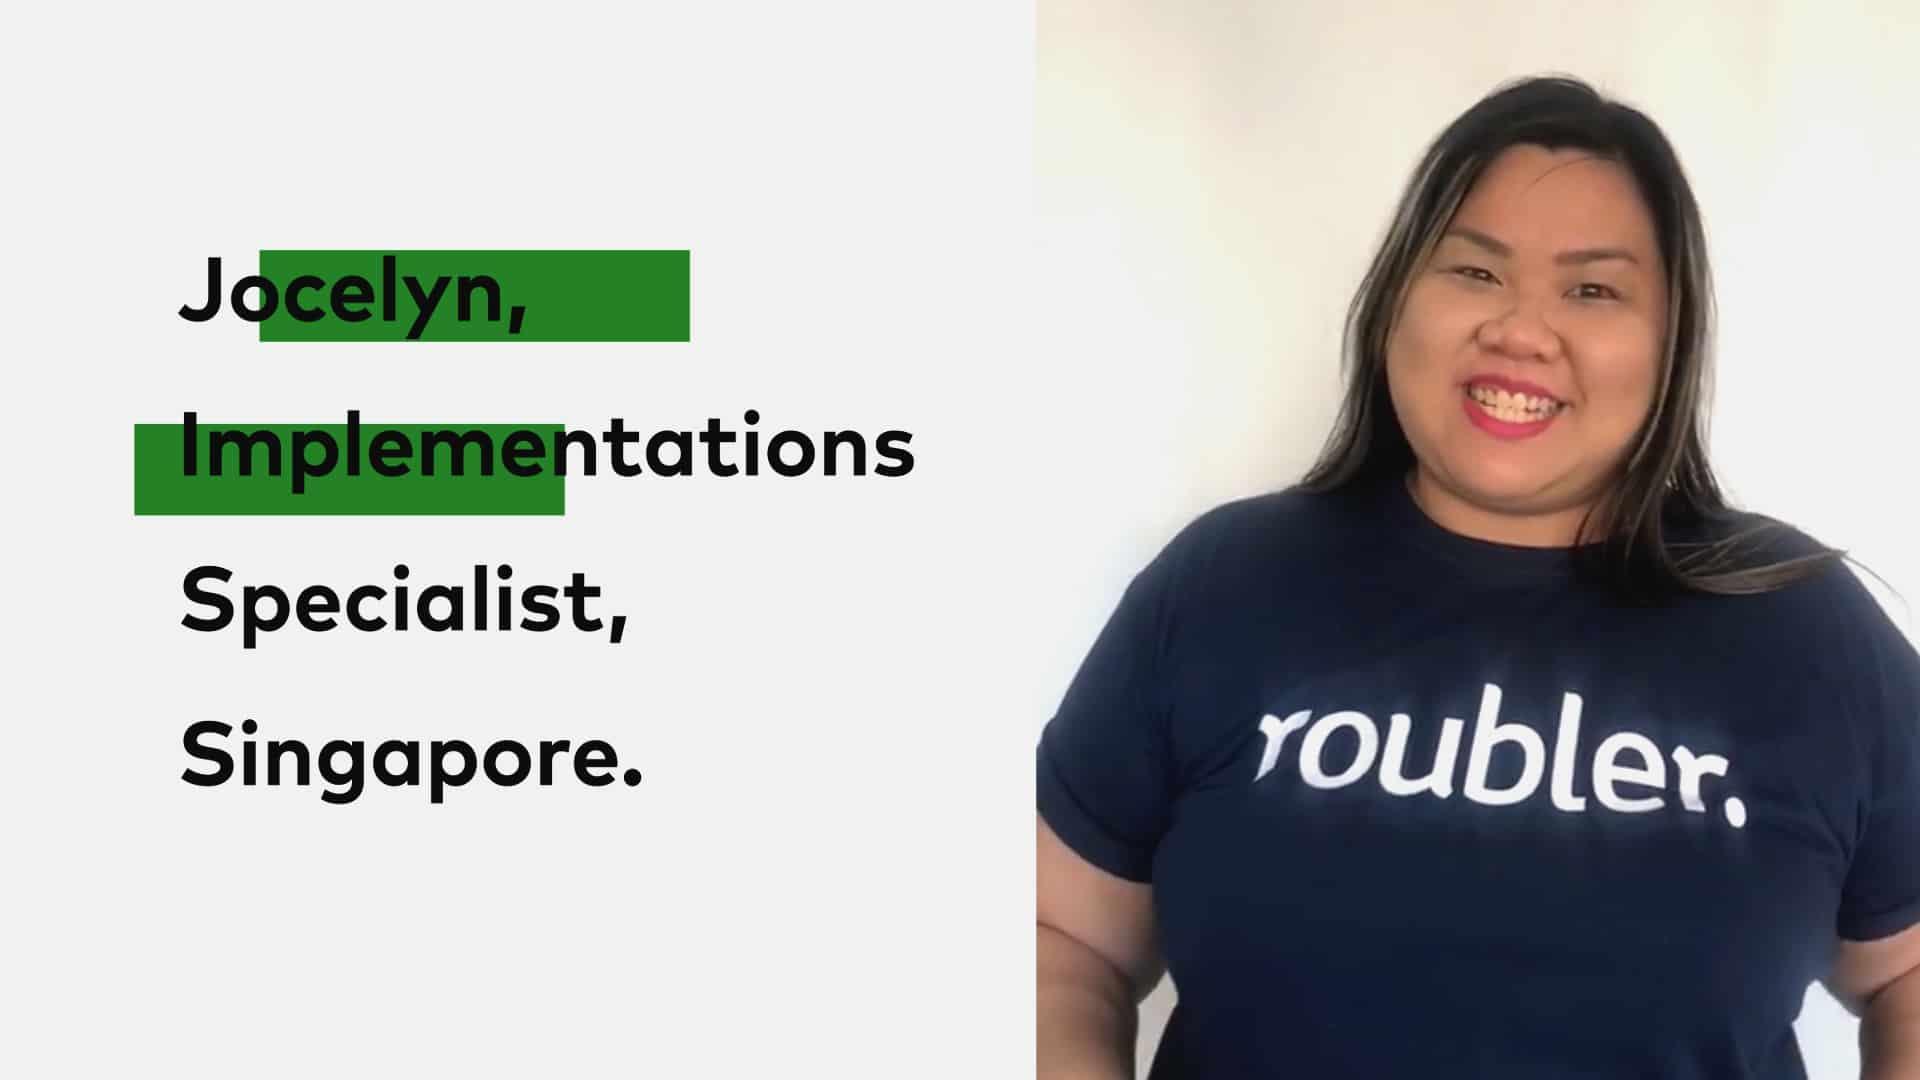 Jocelyn - Roubler Implementations Specialist